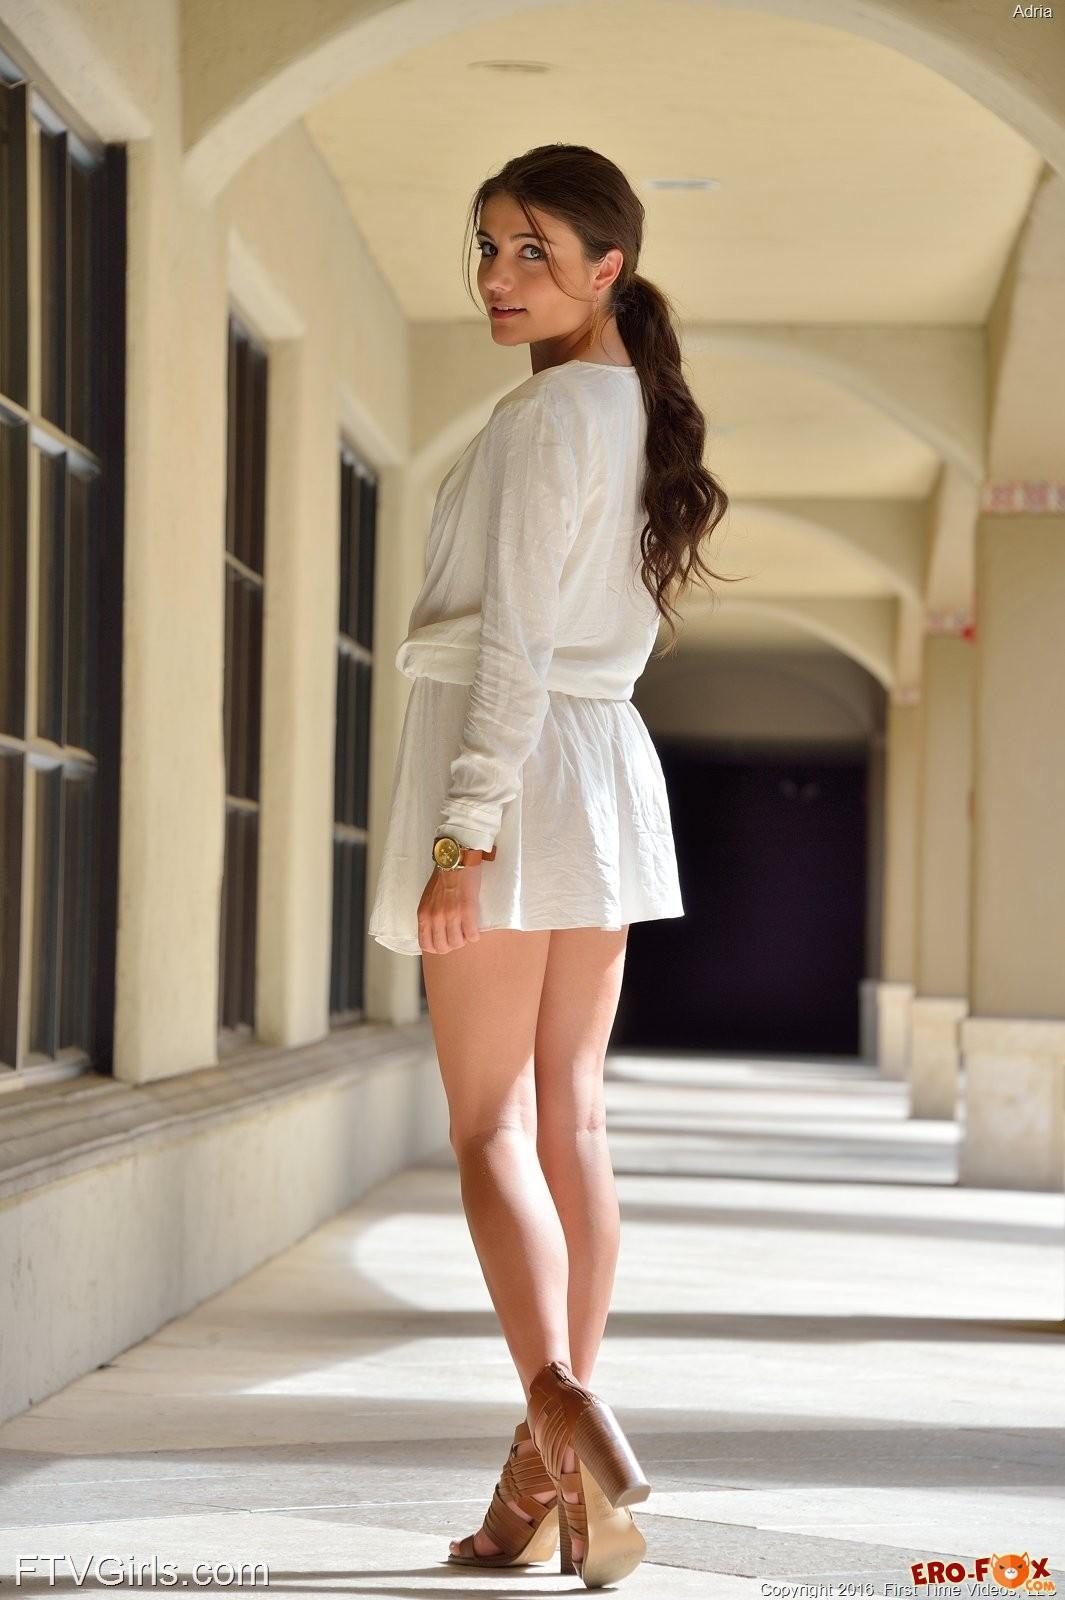 Девушка без трусиков под платьем